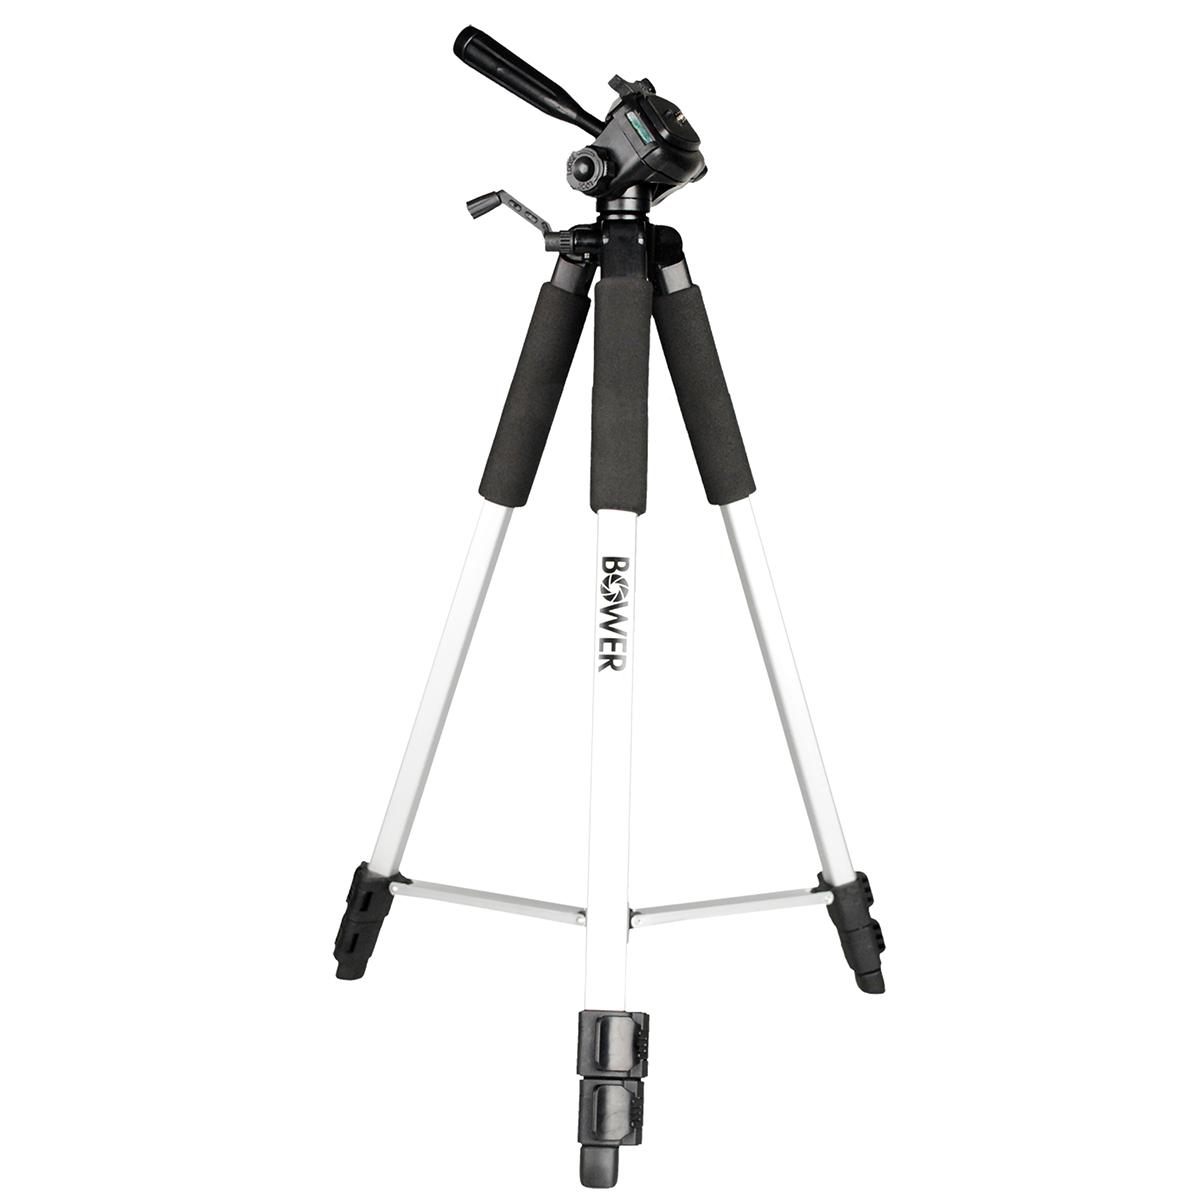 Bower VTSL1200 59 Full Size Tripod For Nikon D5100 D5000